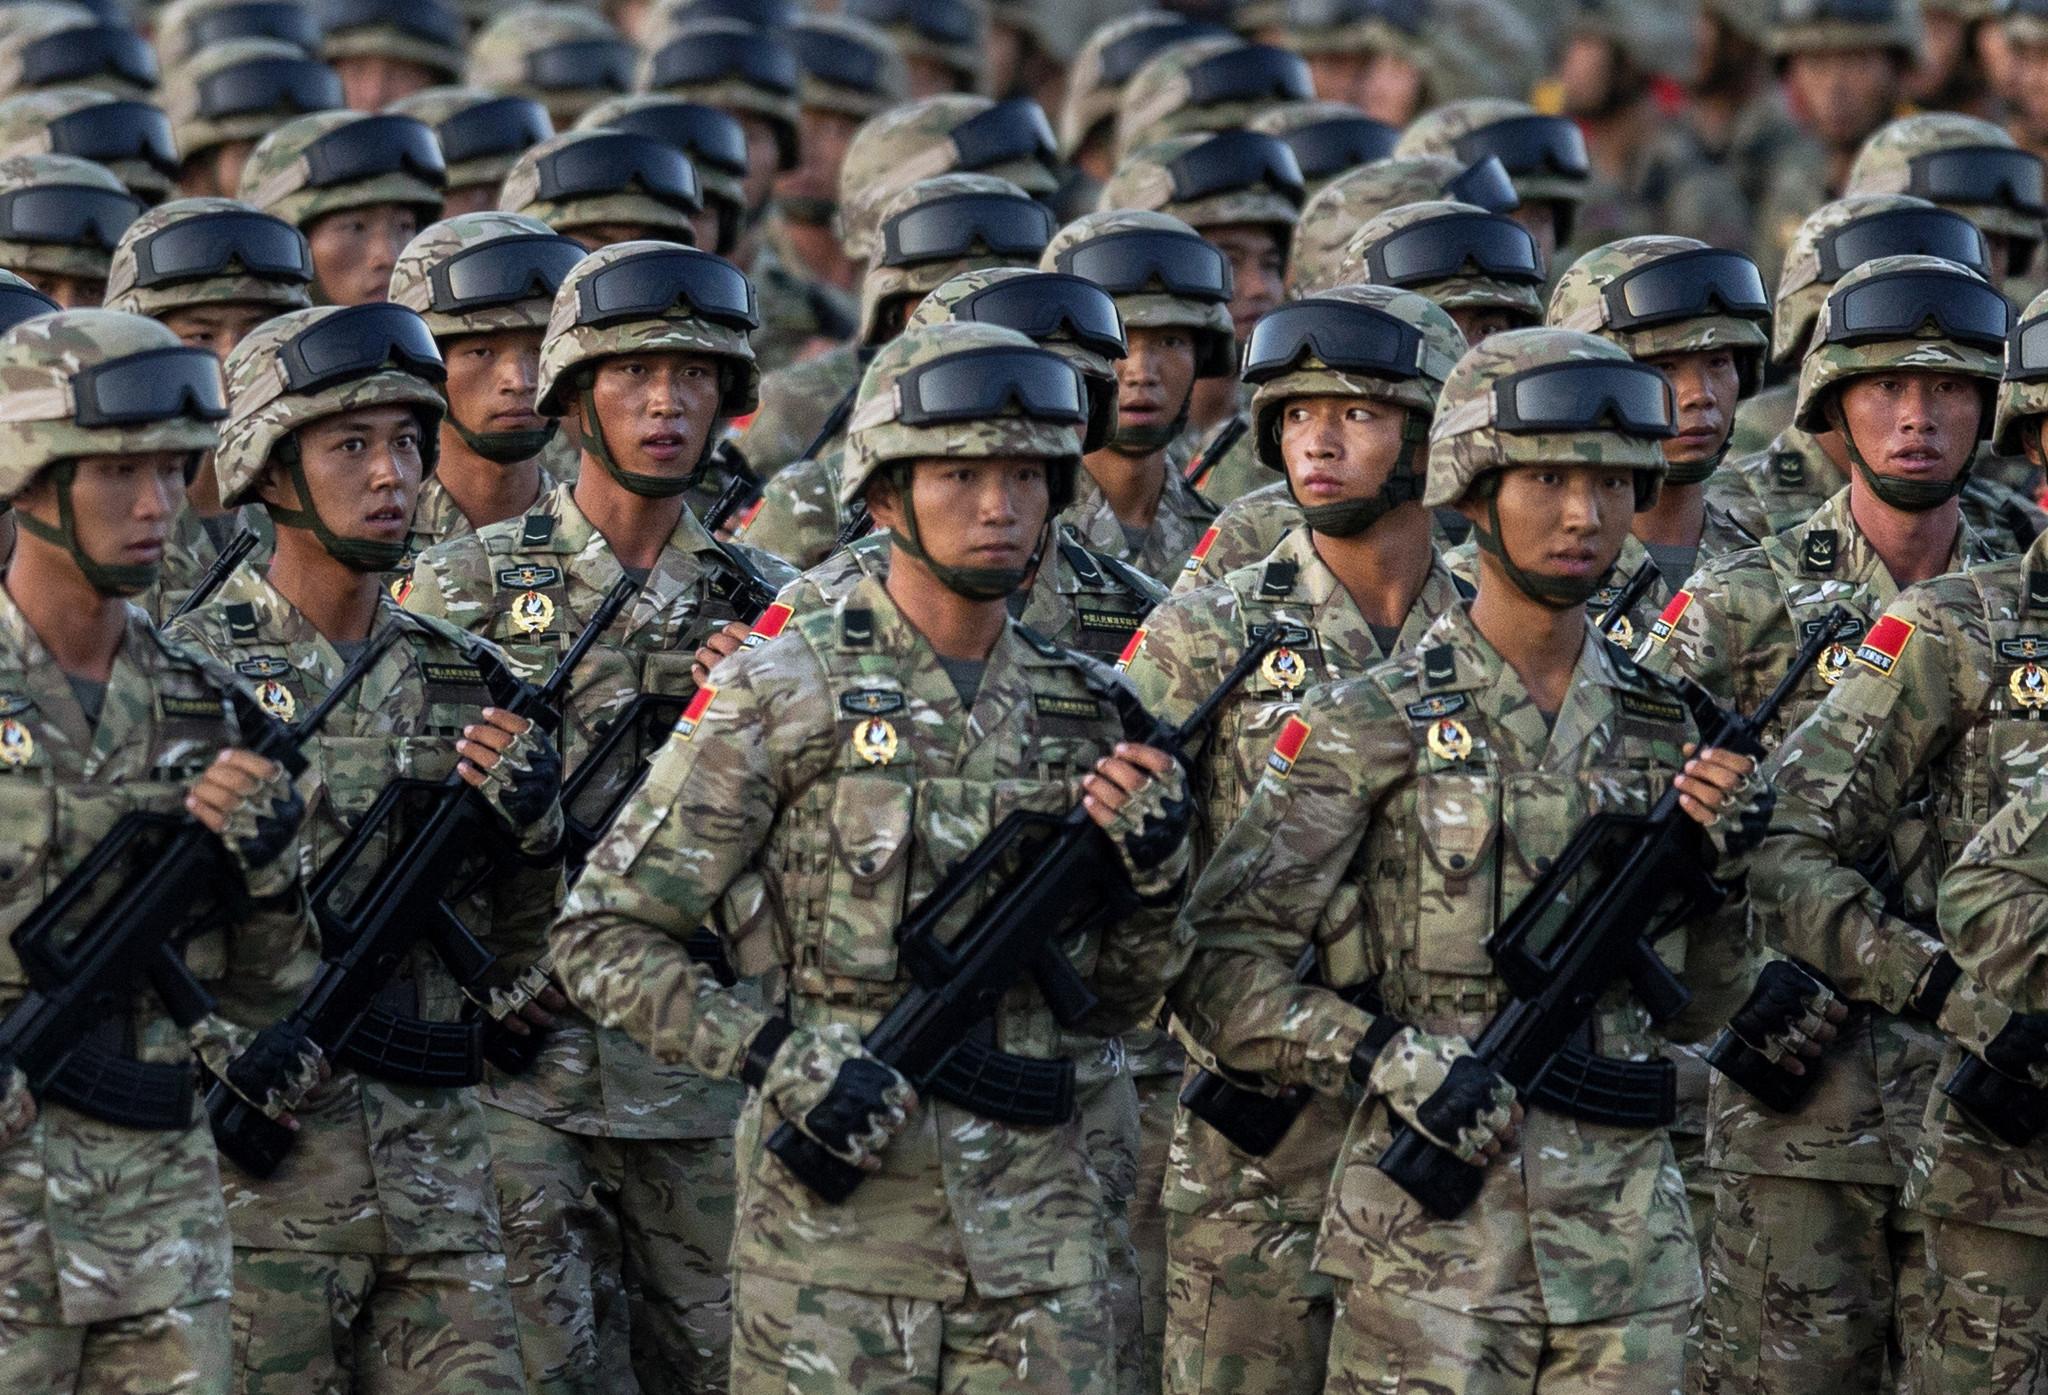 L'Esercito di Xi: riforma ed obiettivi - GEOPOLITICA.info